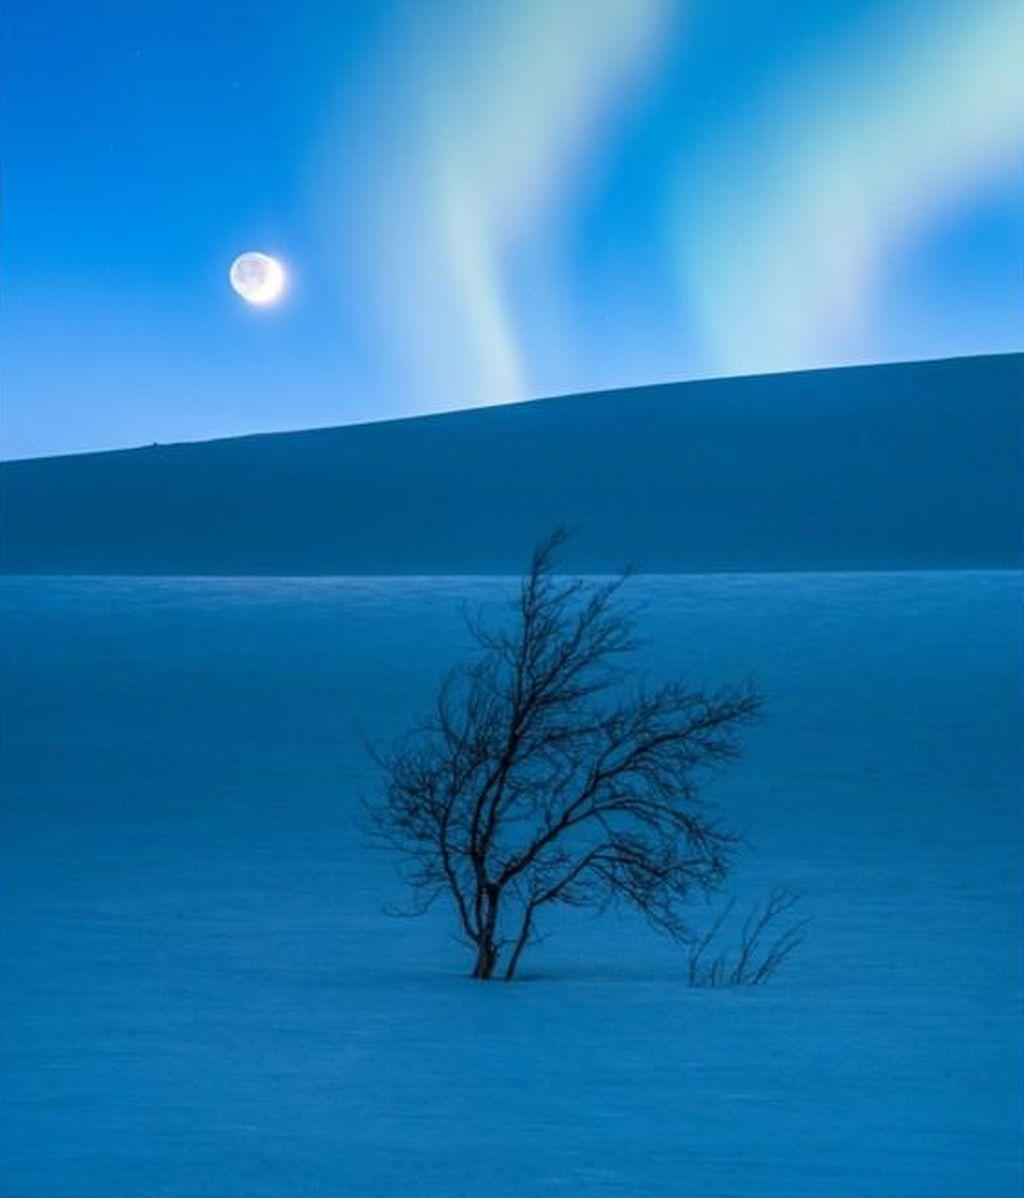 Foto realizada por Tommy Eliassen (Noruega), en Saltfjellet (Noruega)